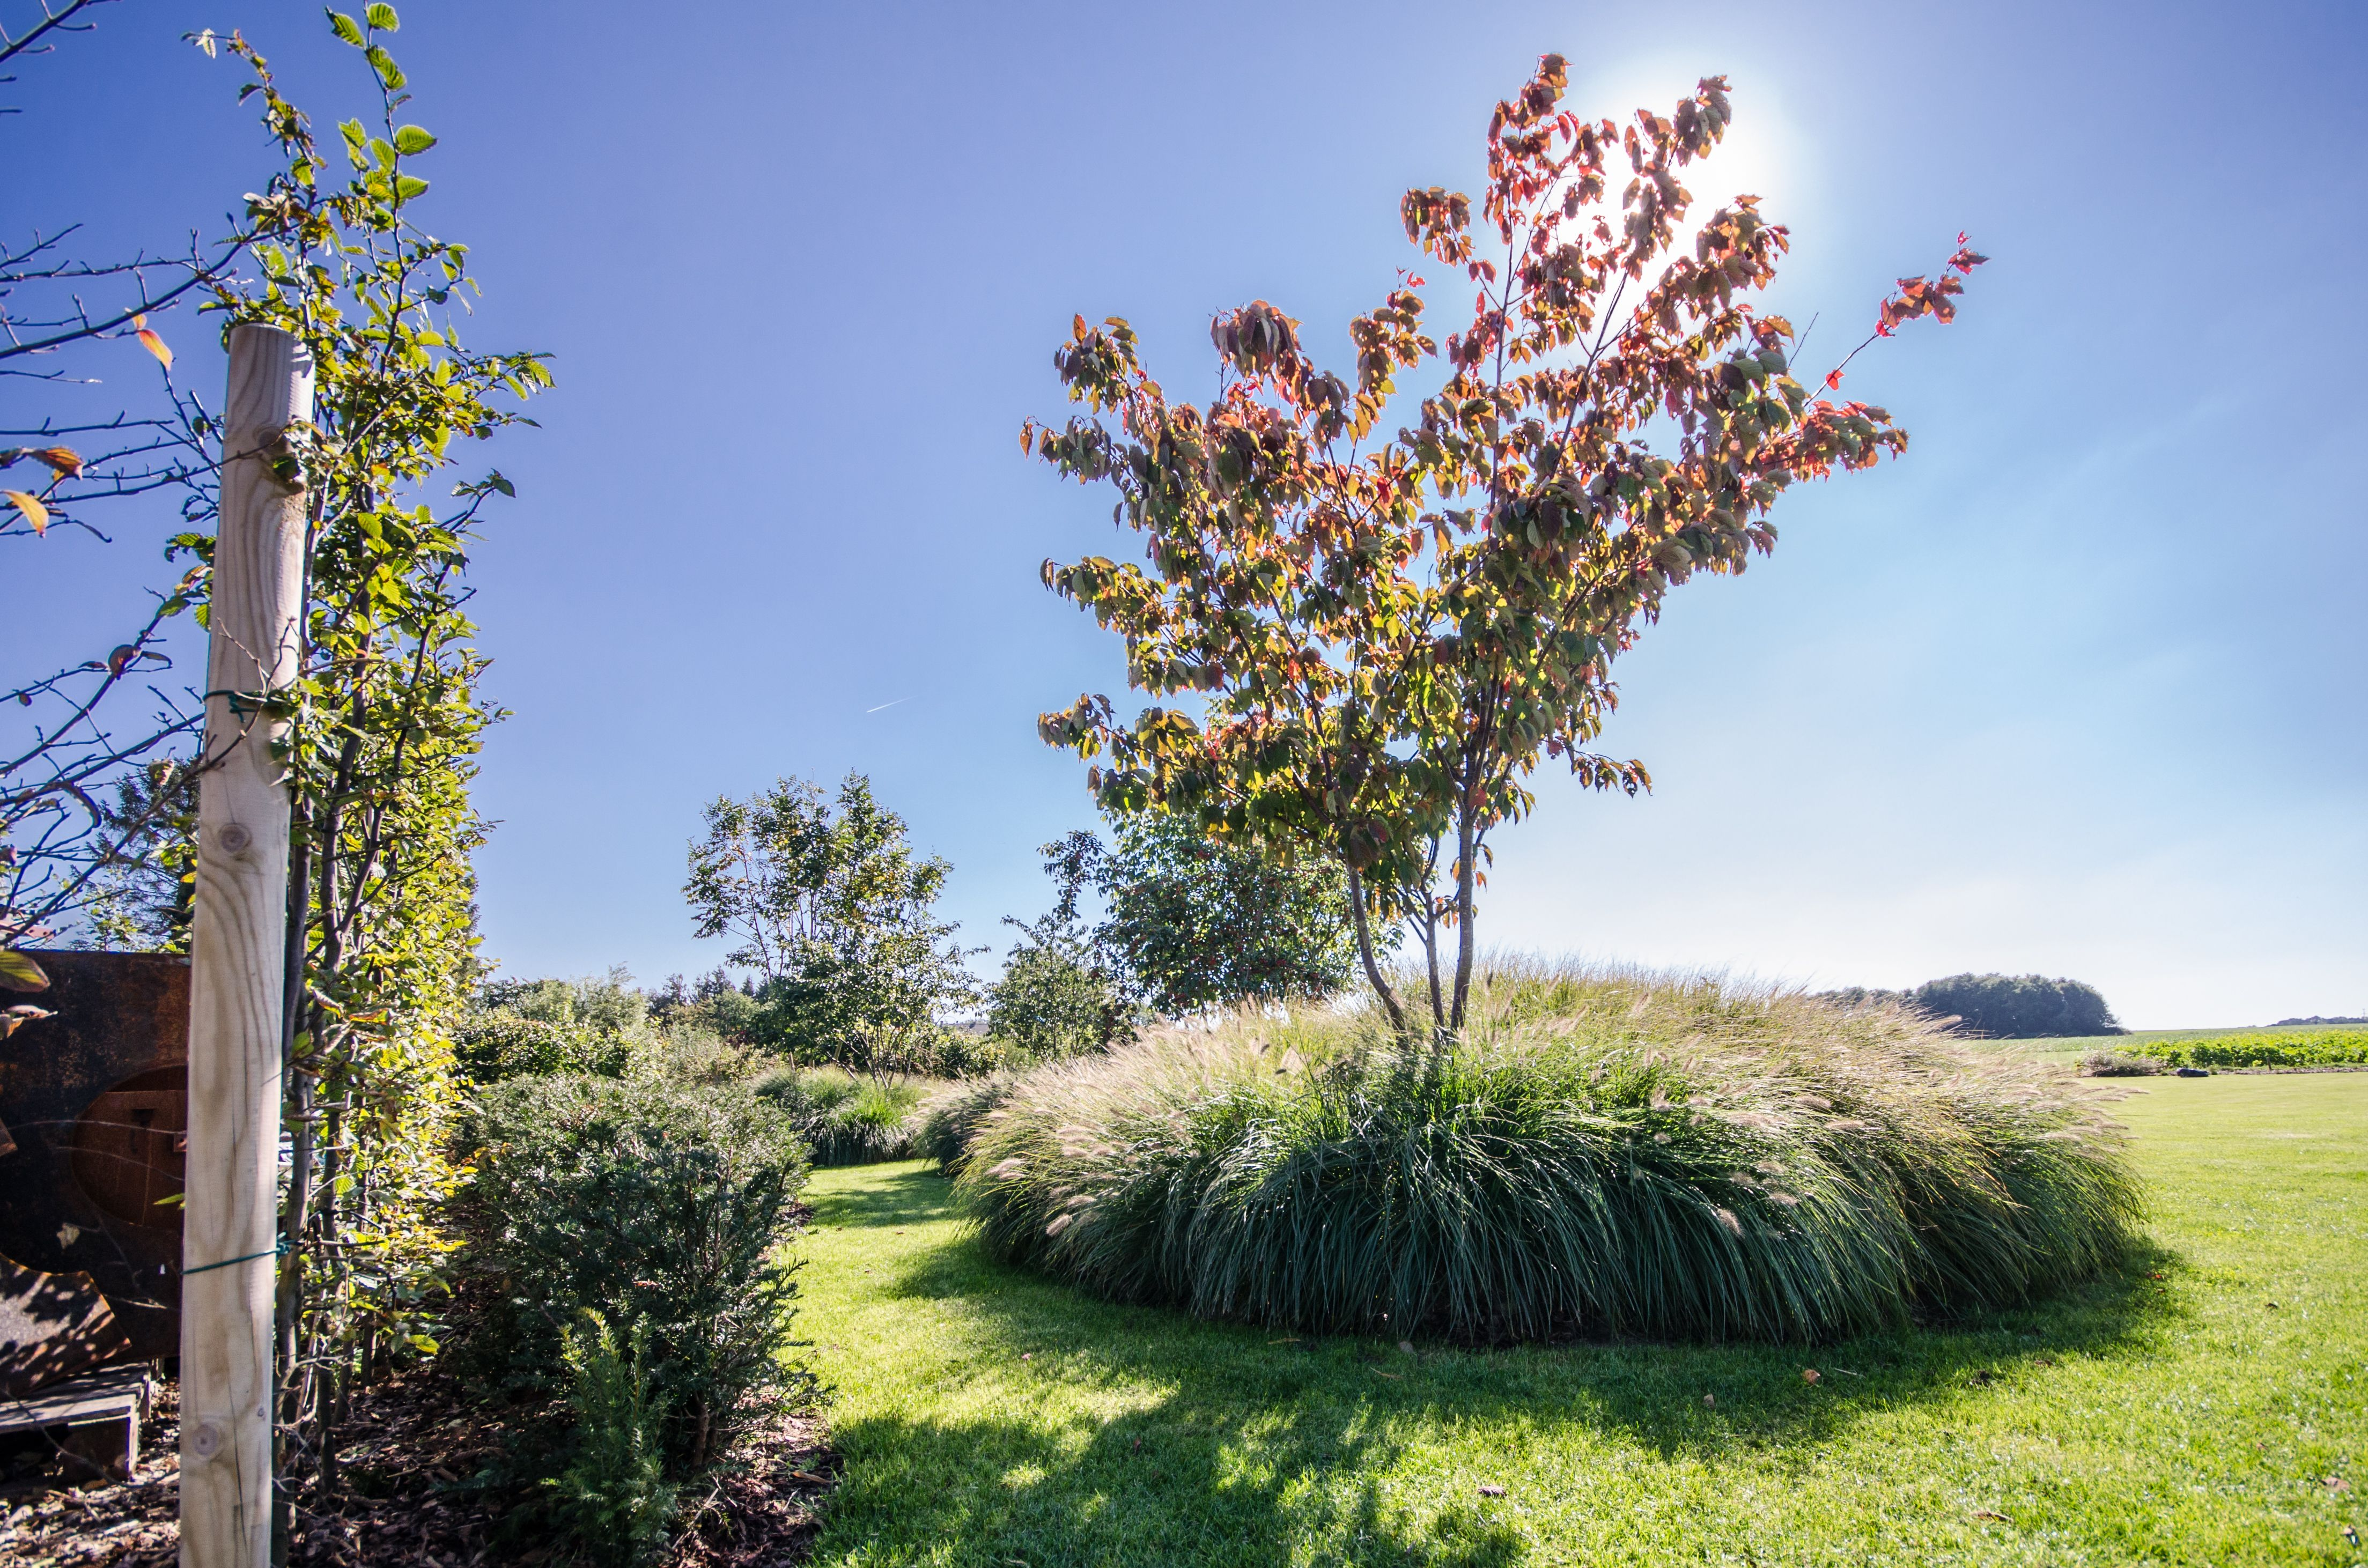 Jardin Prive Graminees Pennisetum Arbre Multi Tronc Prunus